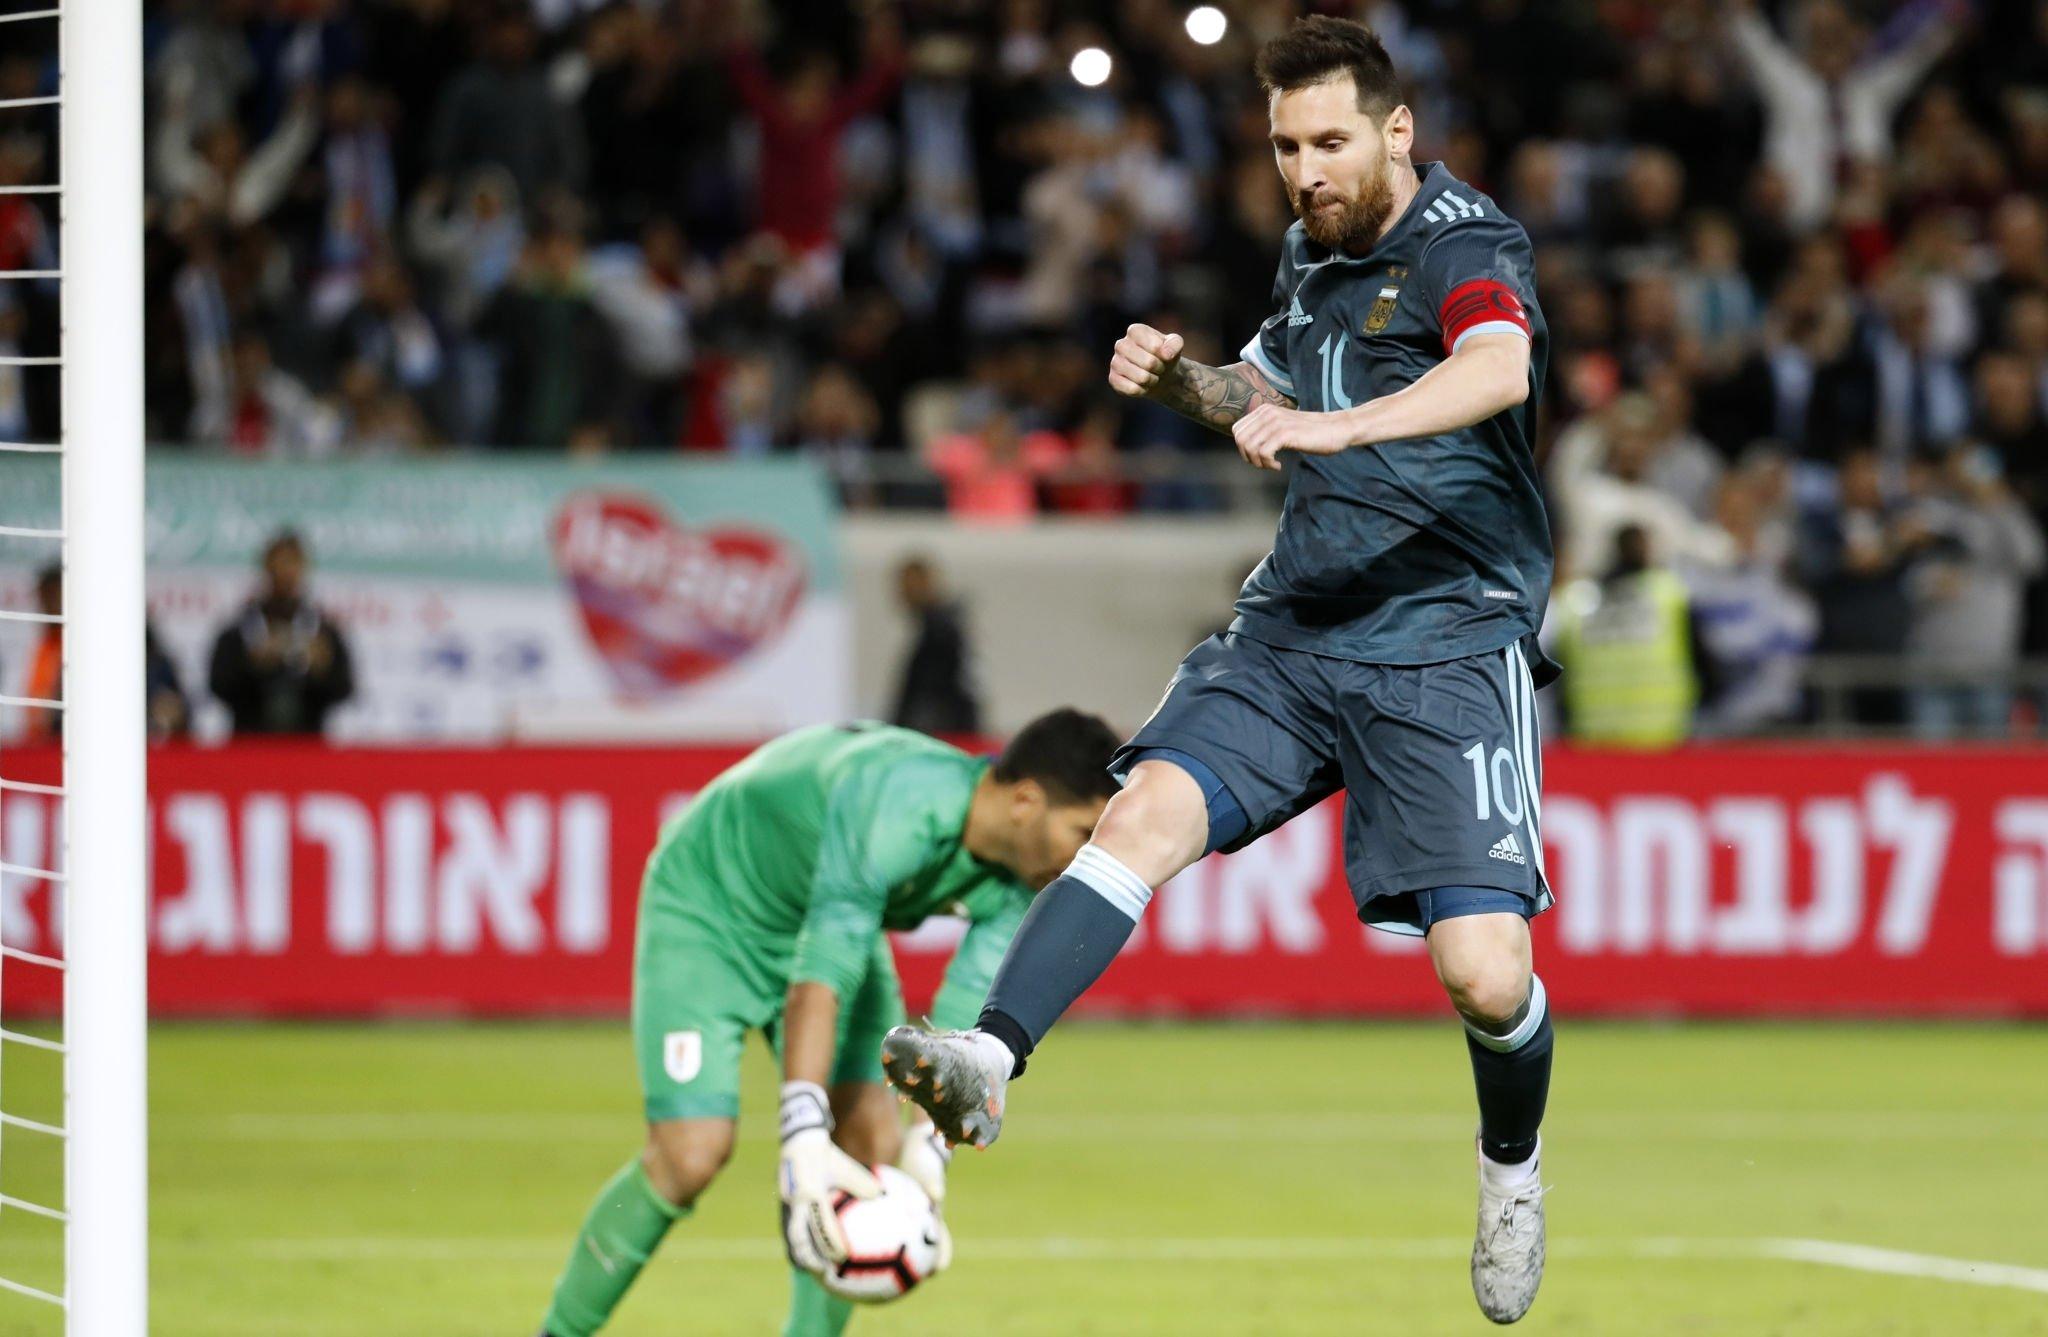 Аргентина - Уругвай 2:2. Дружеская битва Месси и Суареса - изображение 2